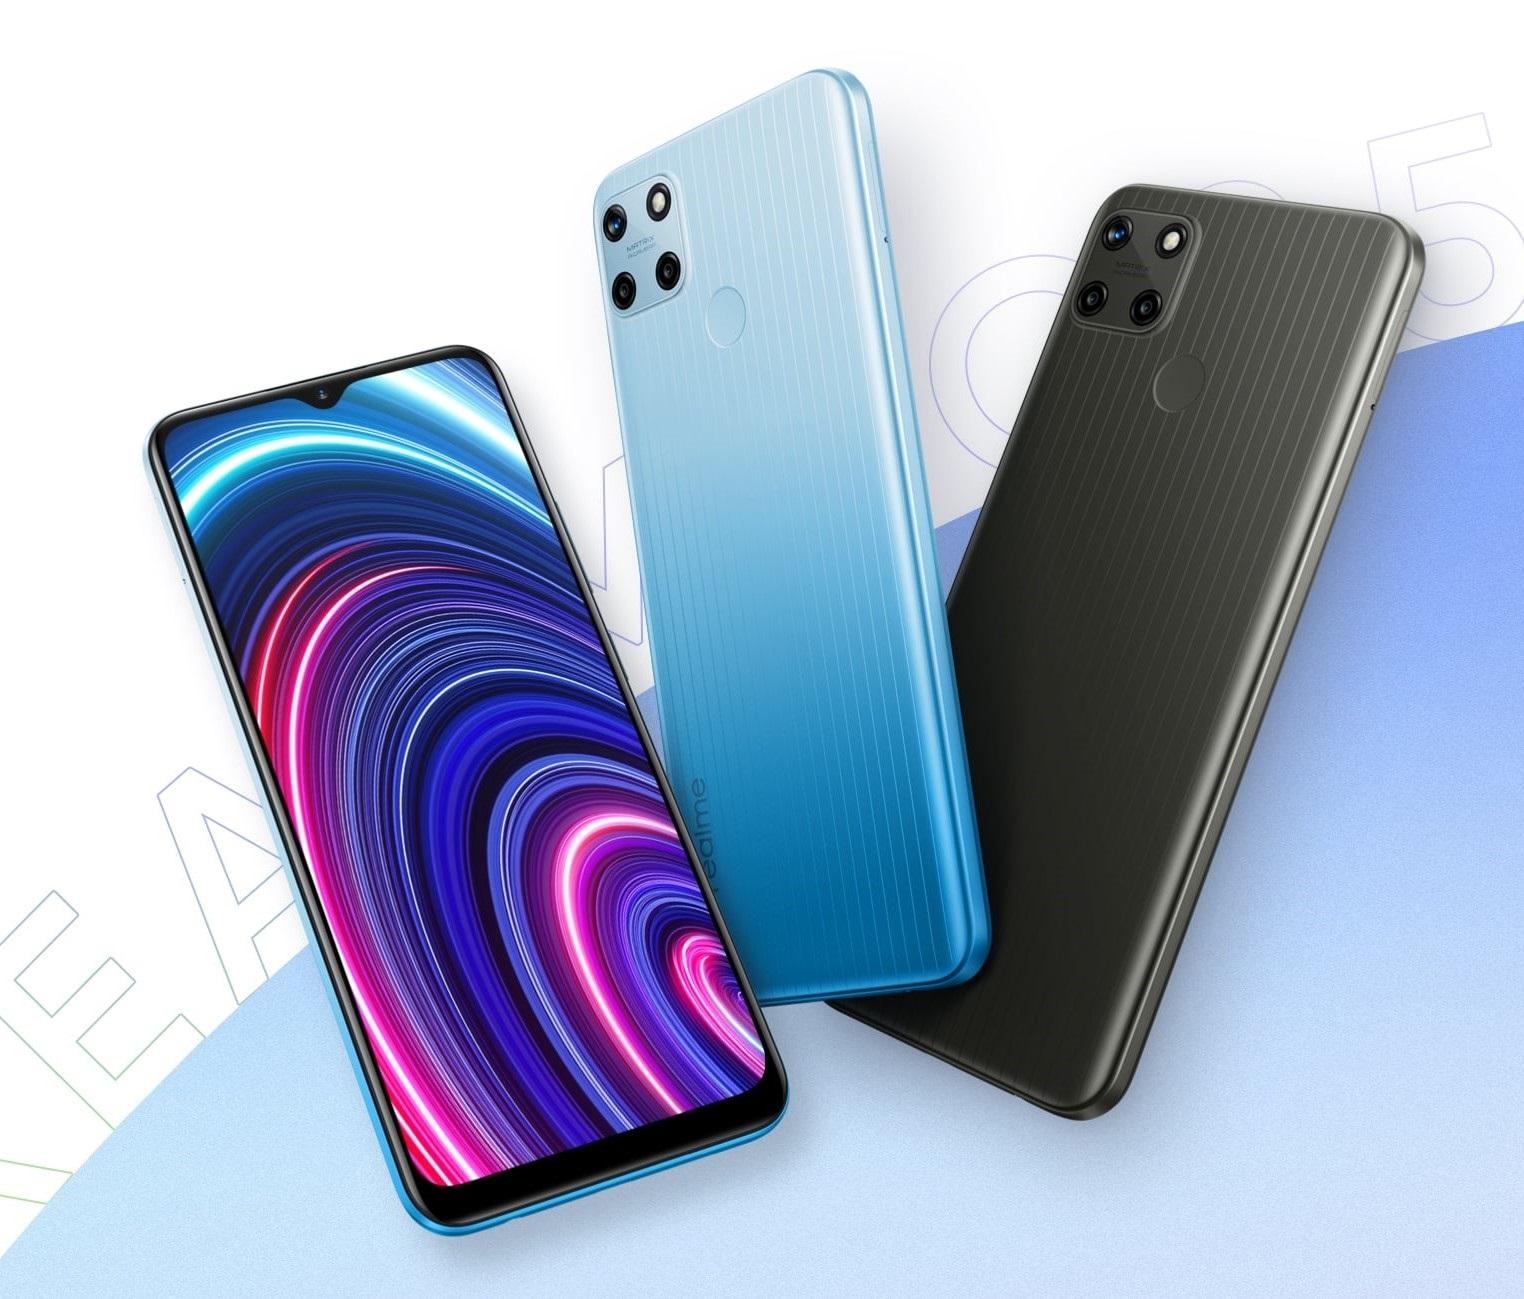 smartfon realme c25y smartphone